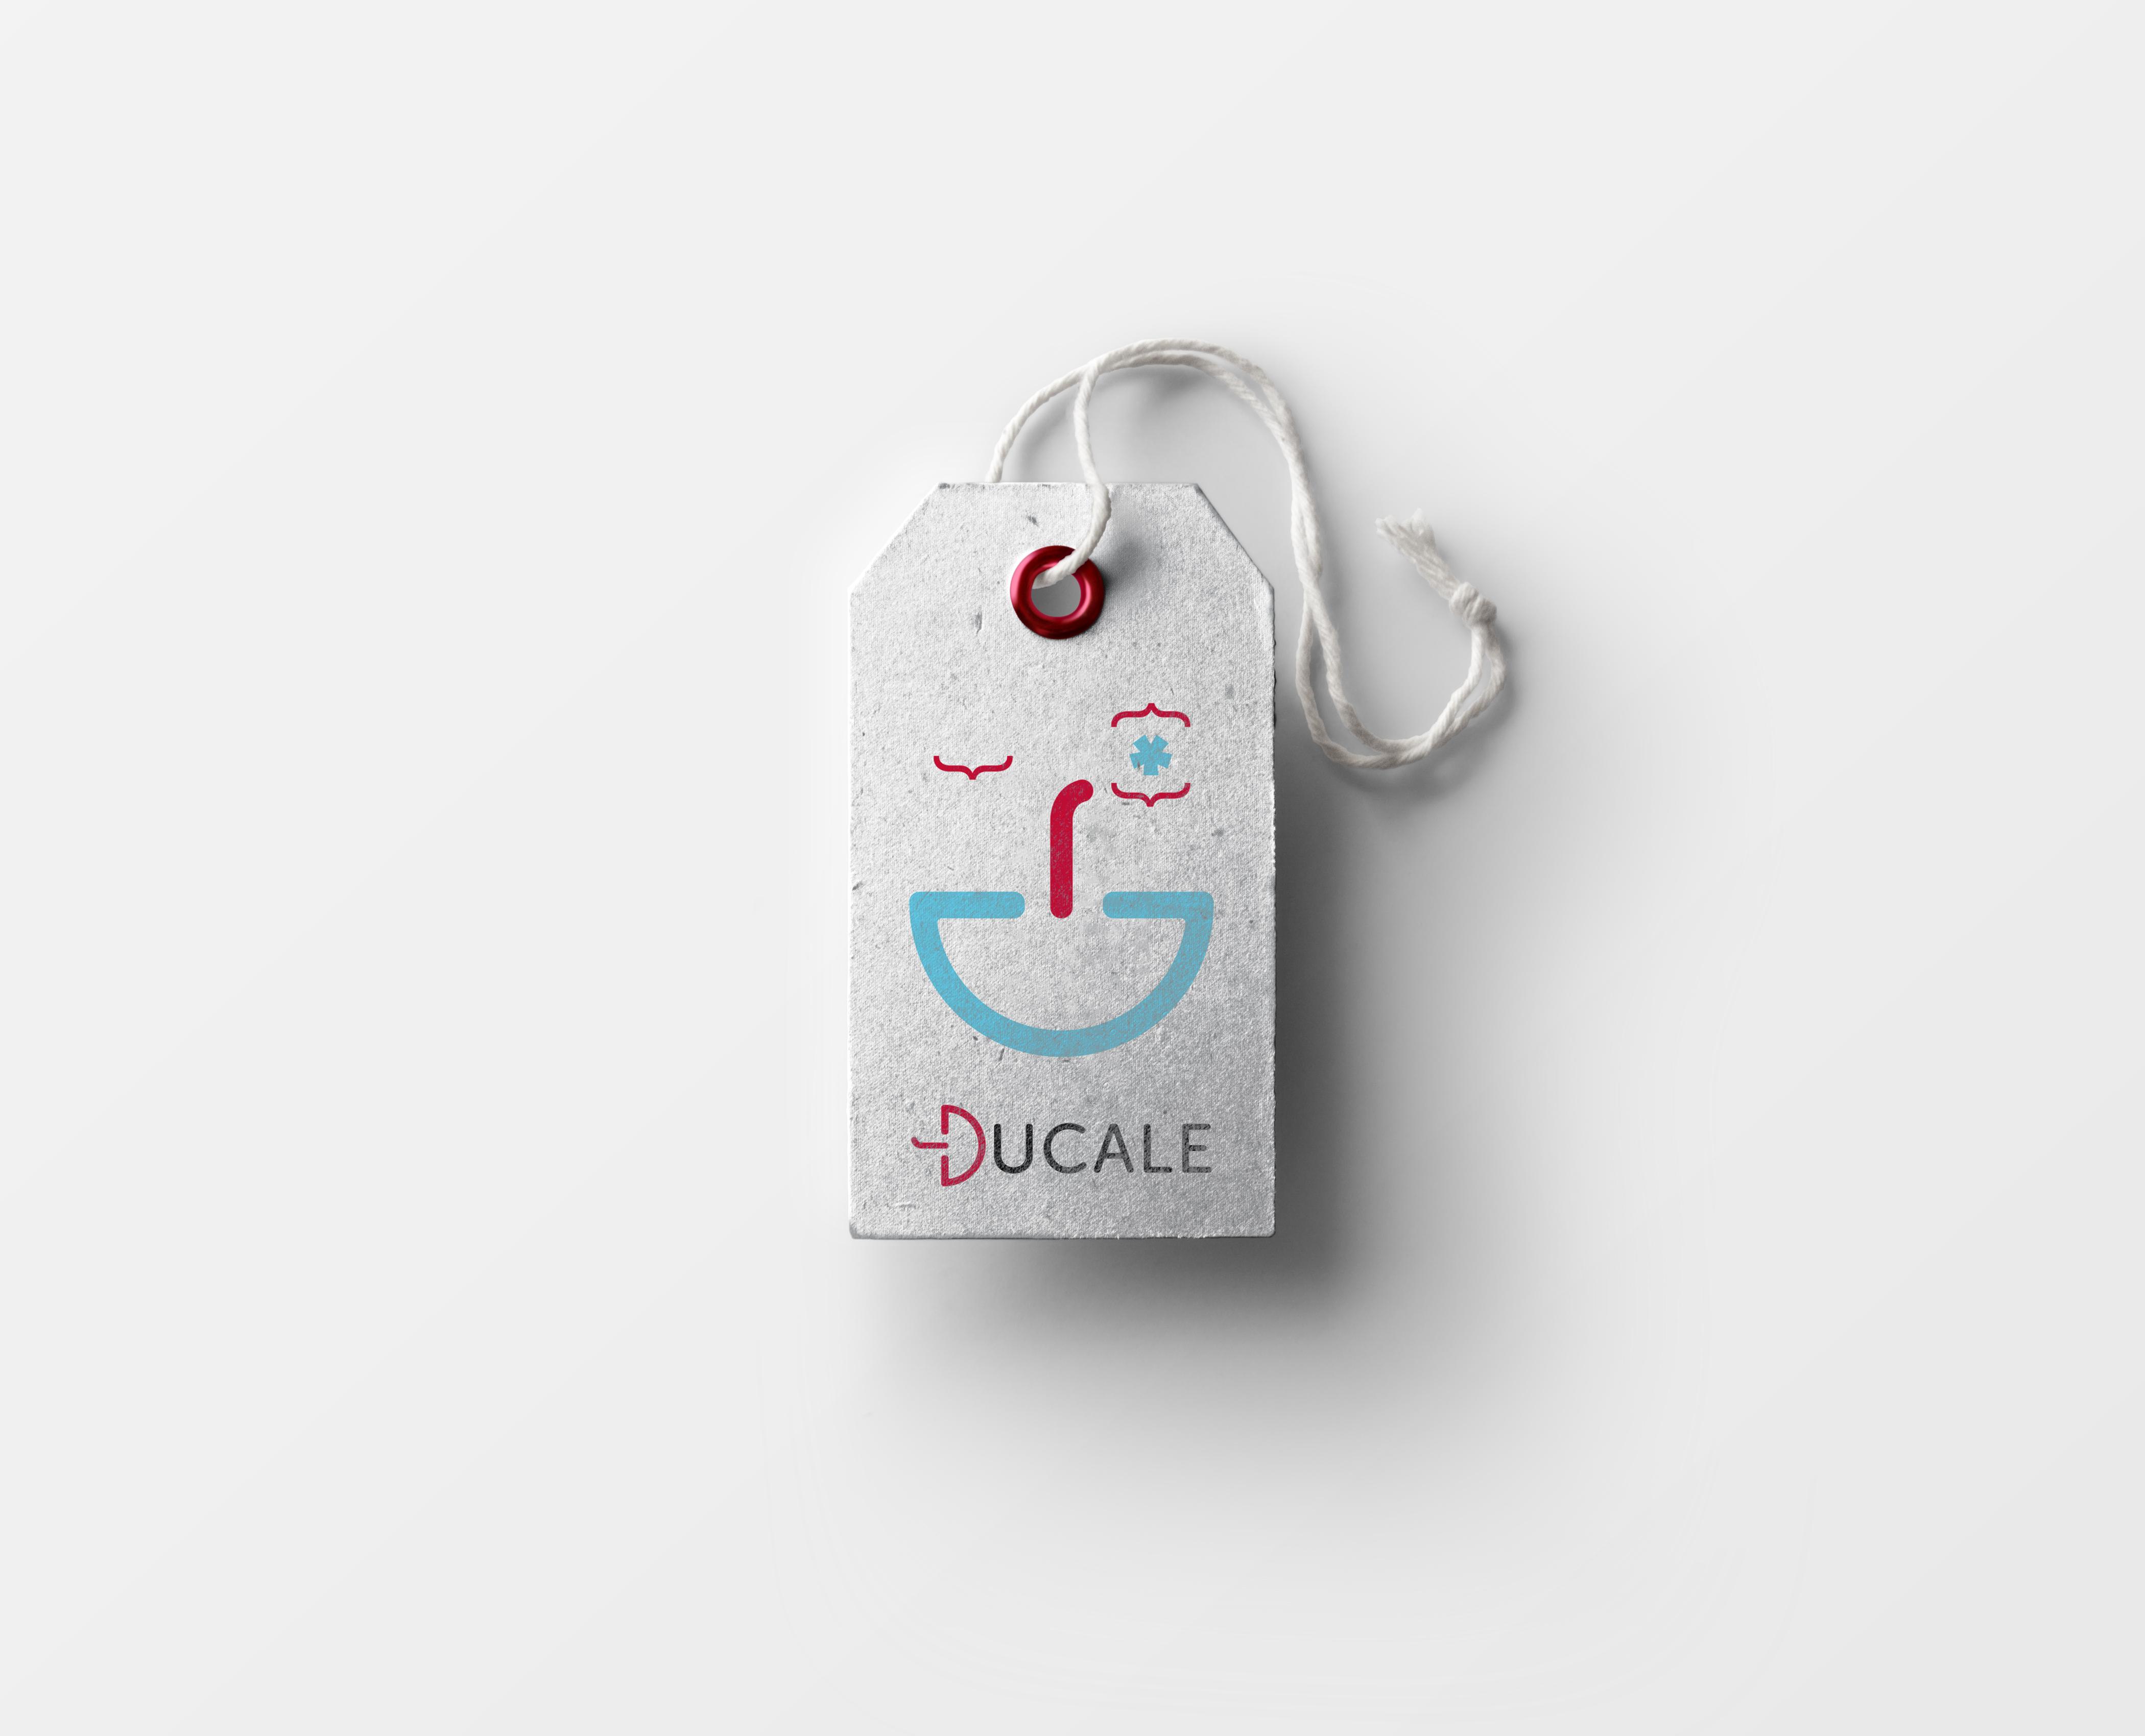 Mockup_8_Ducale